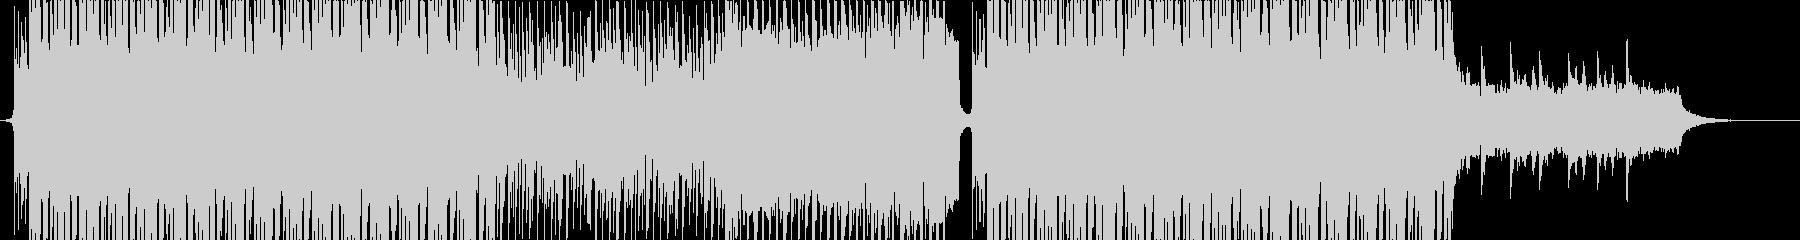 ノスタルジックな情景 / ハウス・EDMの未再生の波形